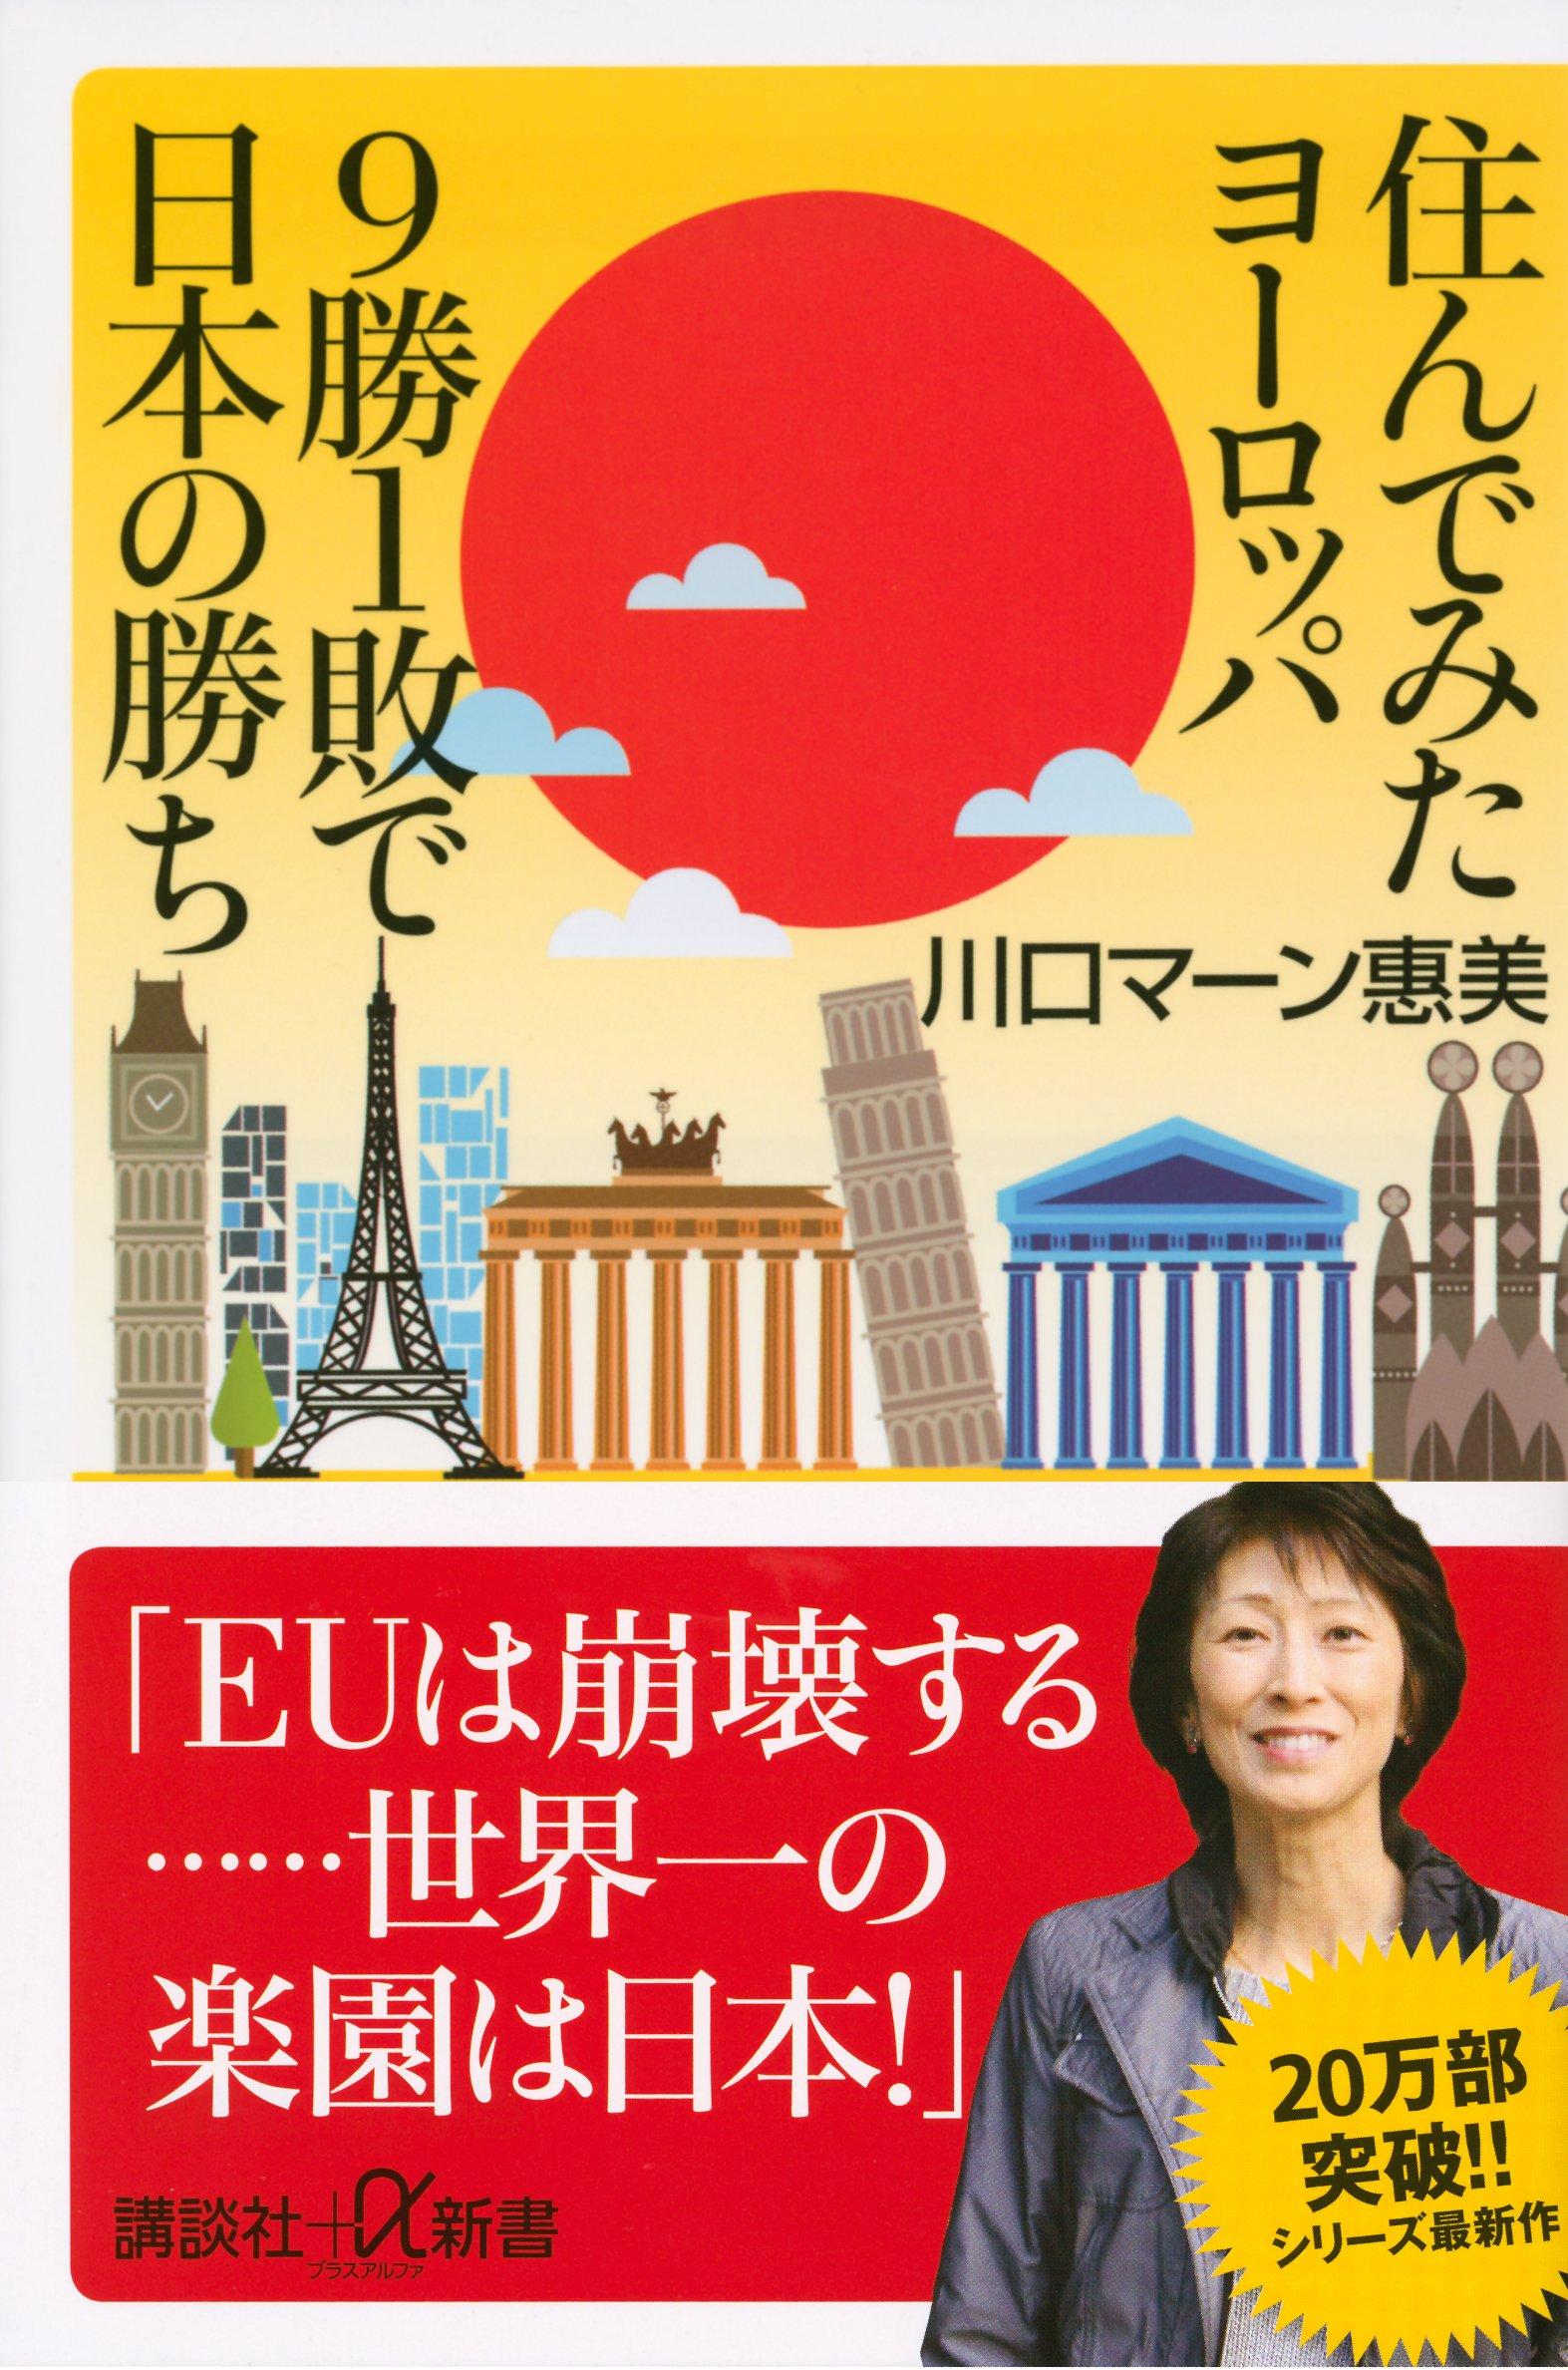 川口 マーン 惠美  住んでみたヨーロッパ 9勝1敗で日本の勝ち